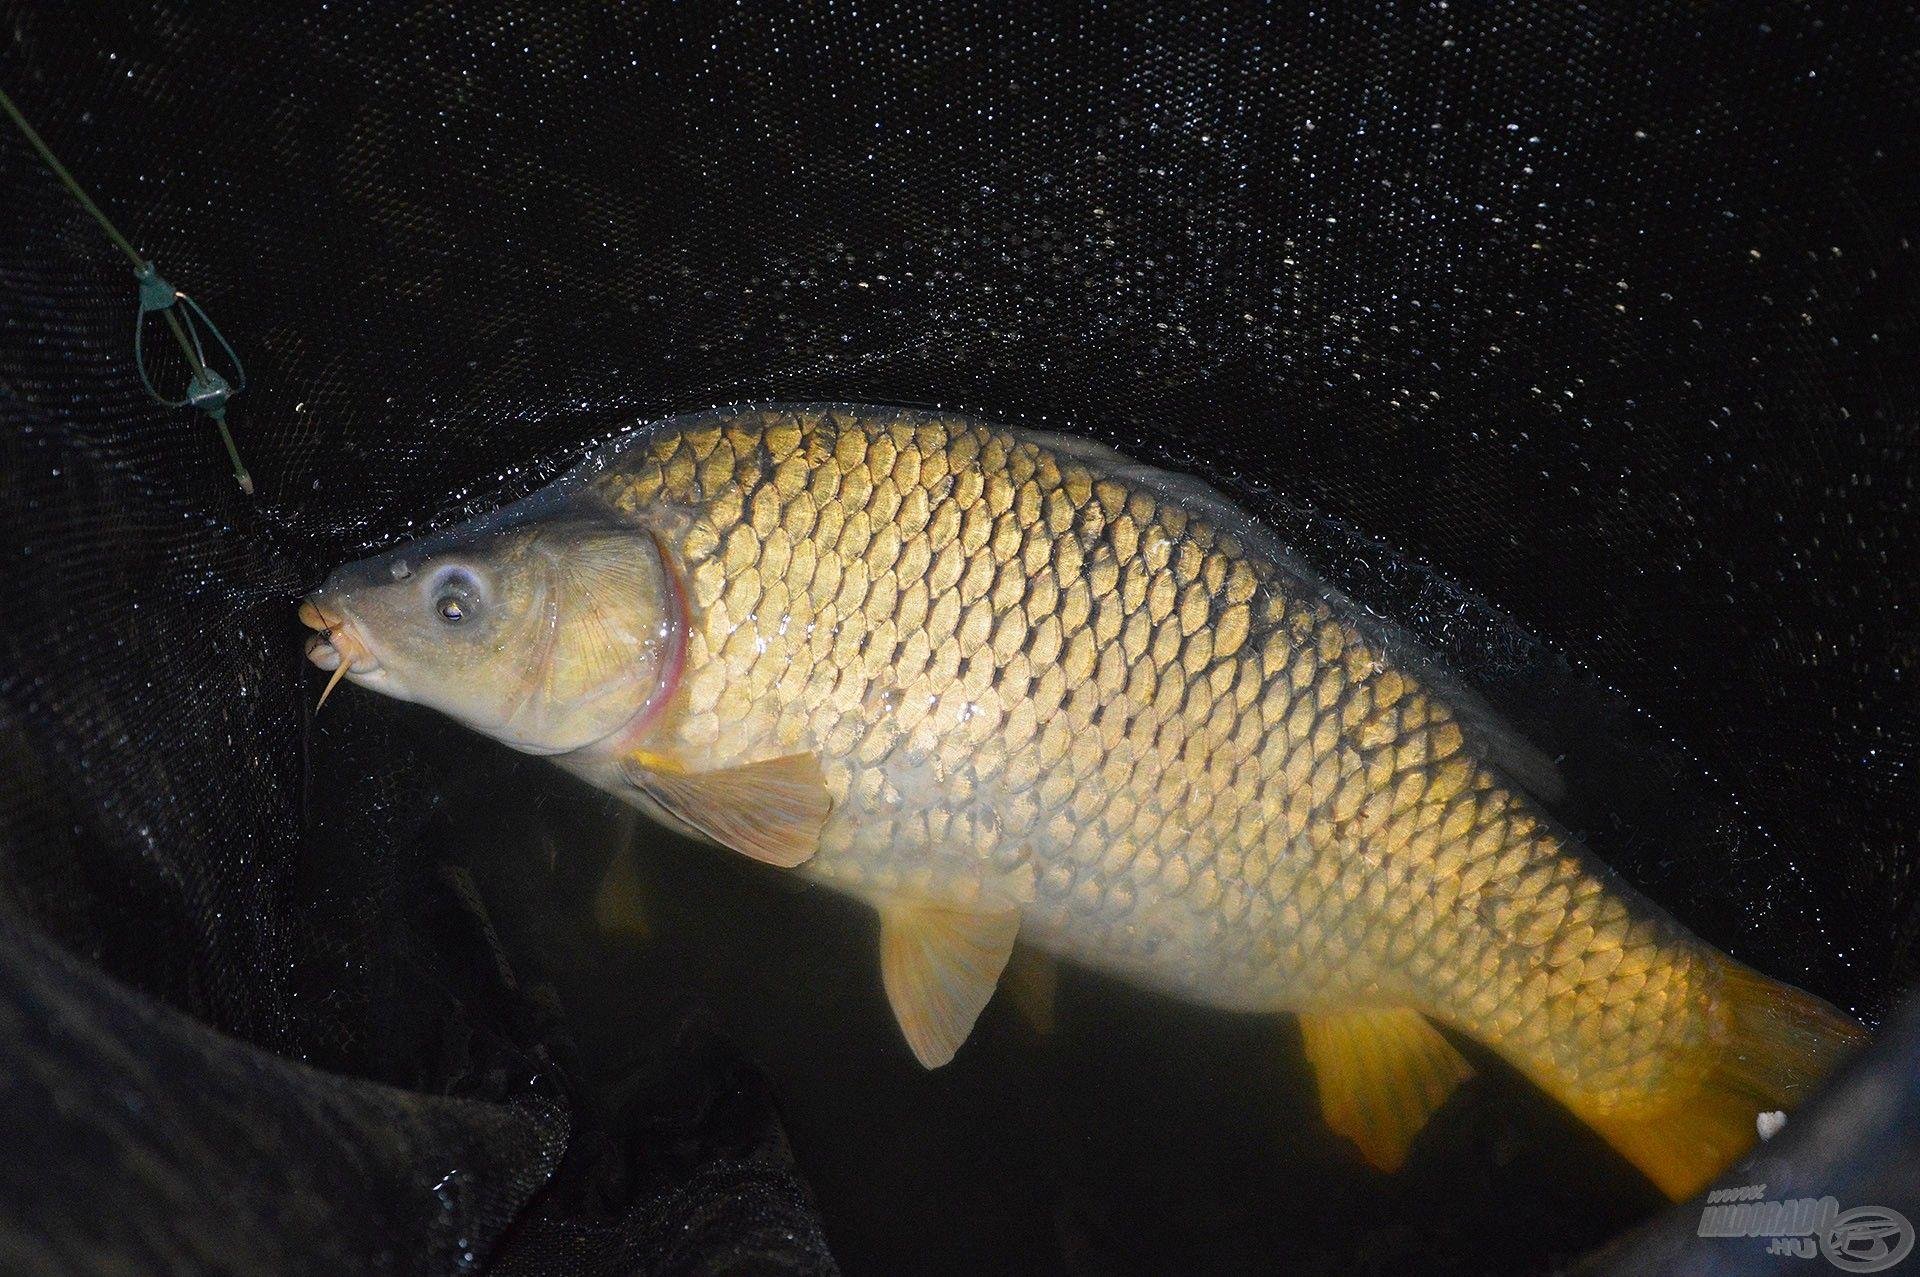 Merítőben az első hal, egy szép, termetes tőponty!